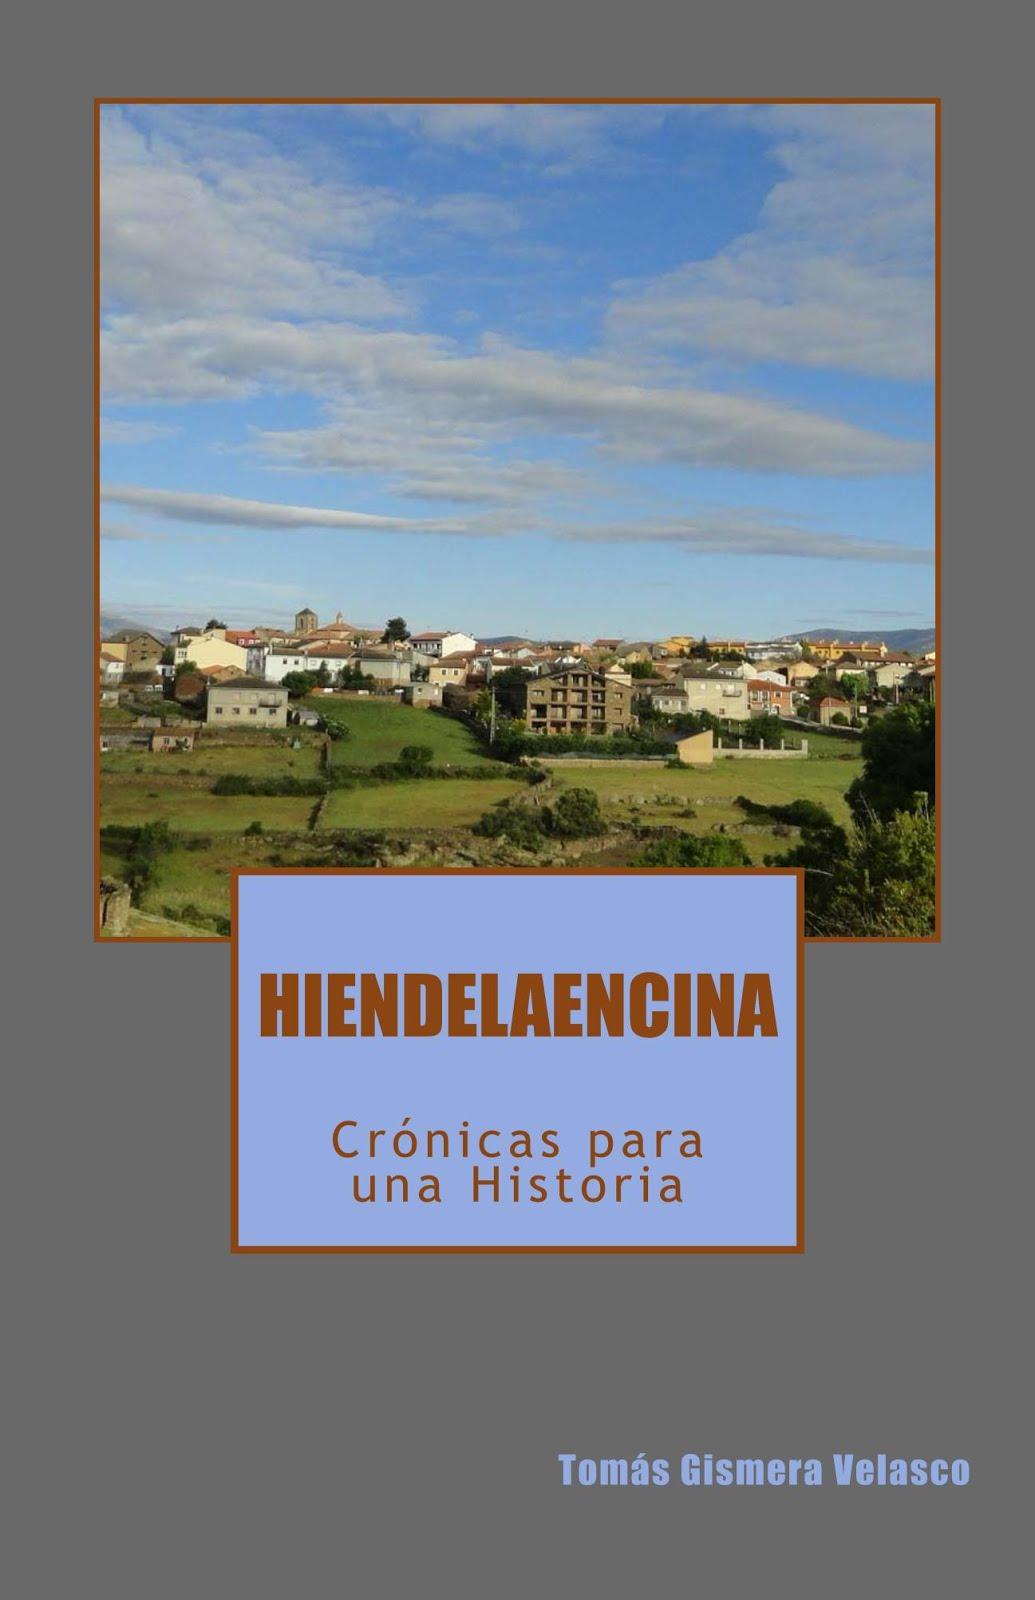 EL LIBRO DEL MES: HIENDELAENCINA. CRÓNICAS PARA UNA HISTORIA.